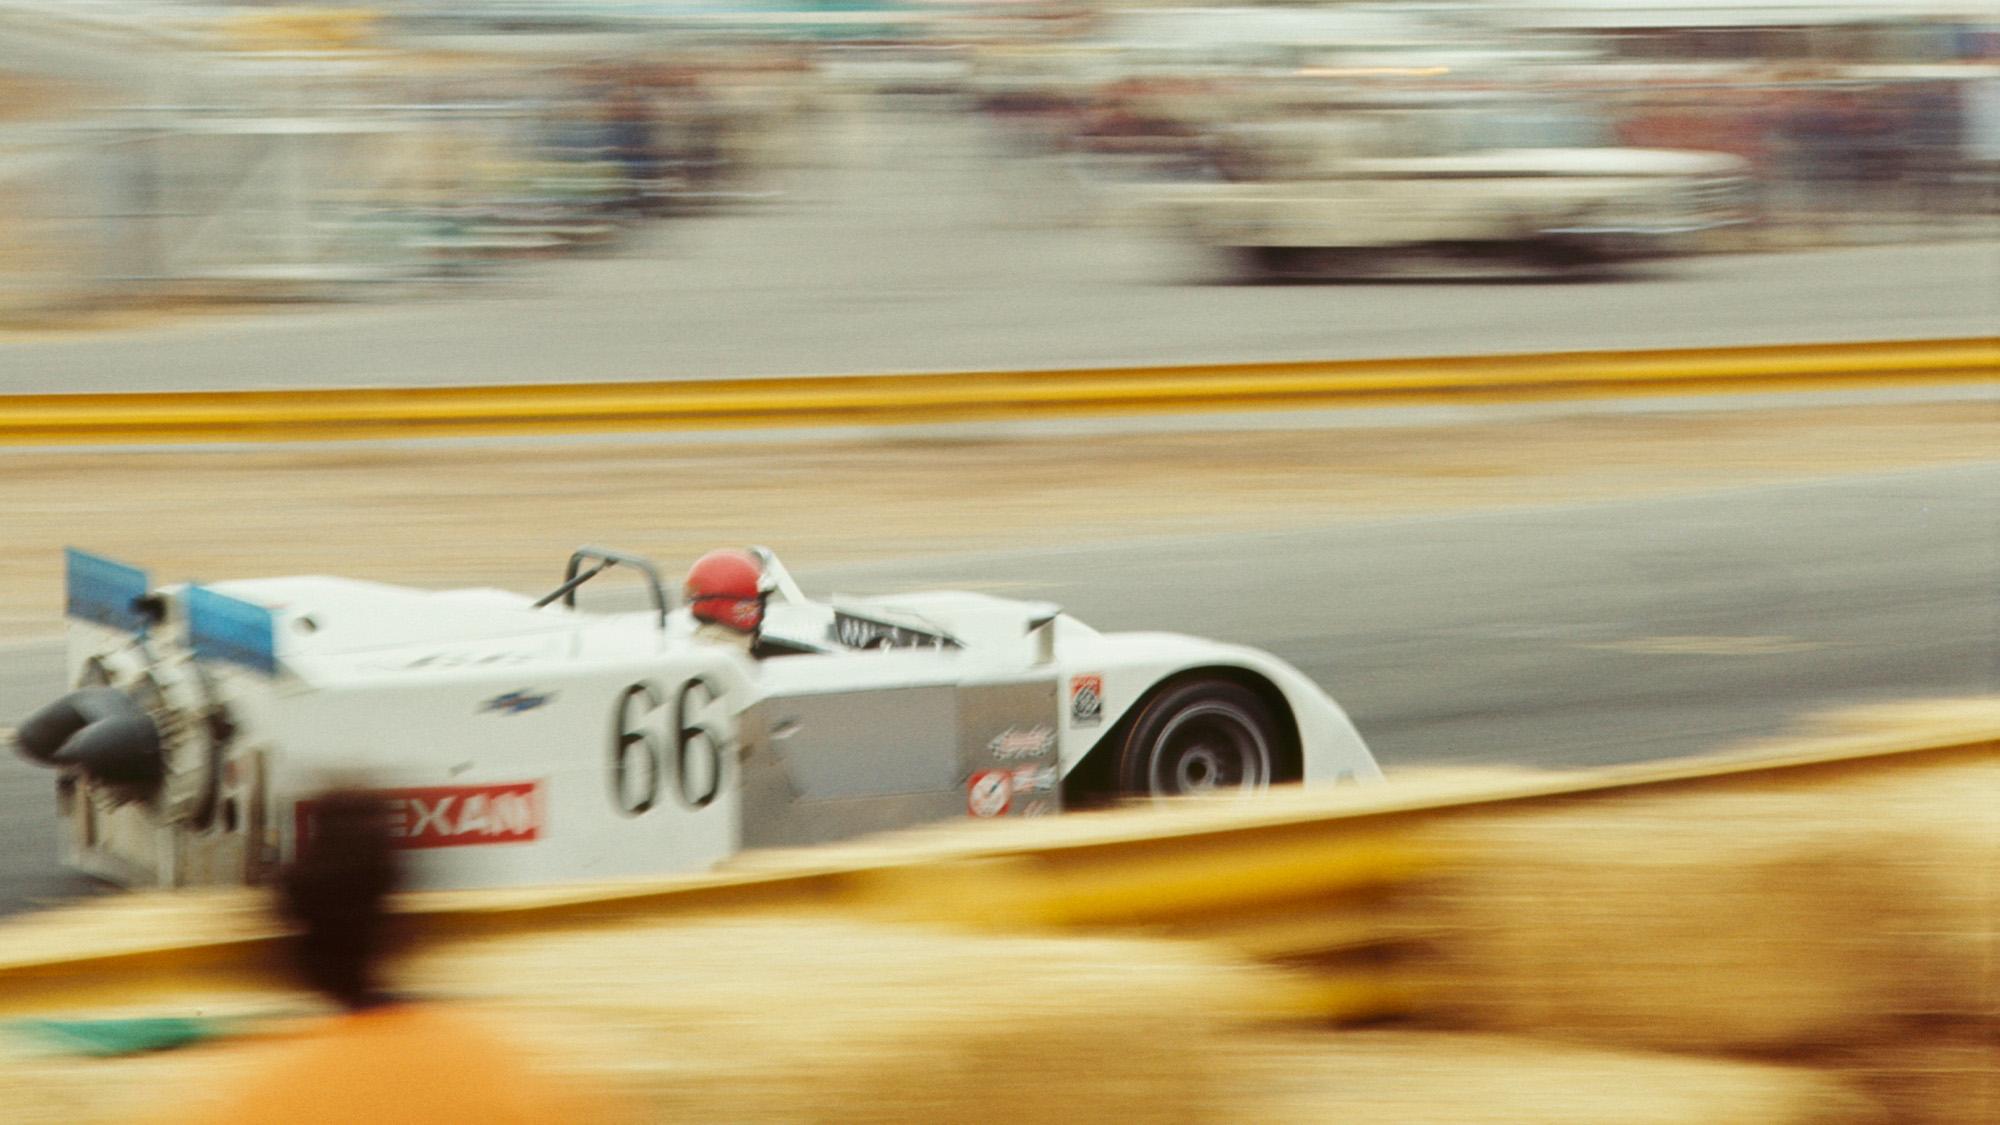 Vic Elford driving the Chaparral 2J at Laguna Seca in 1970